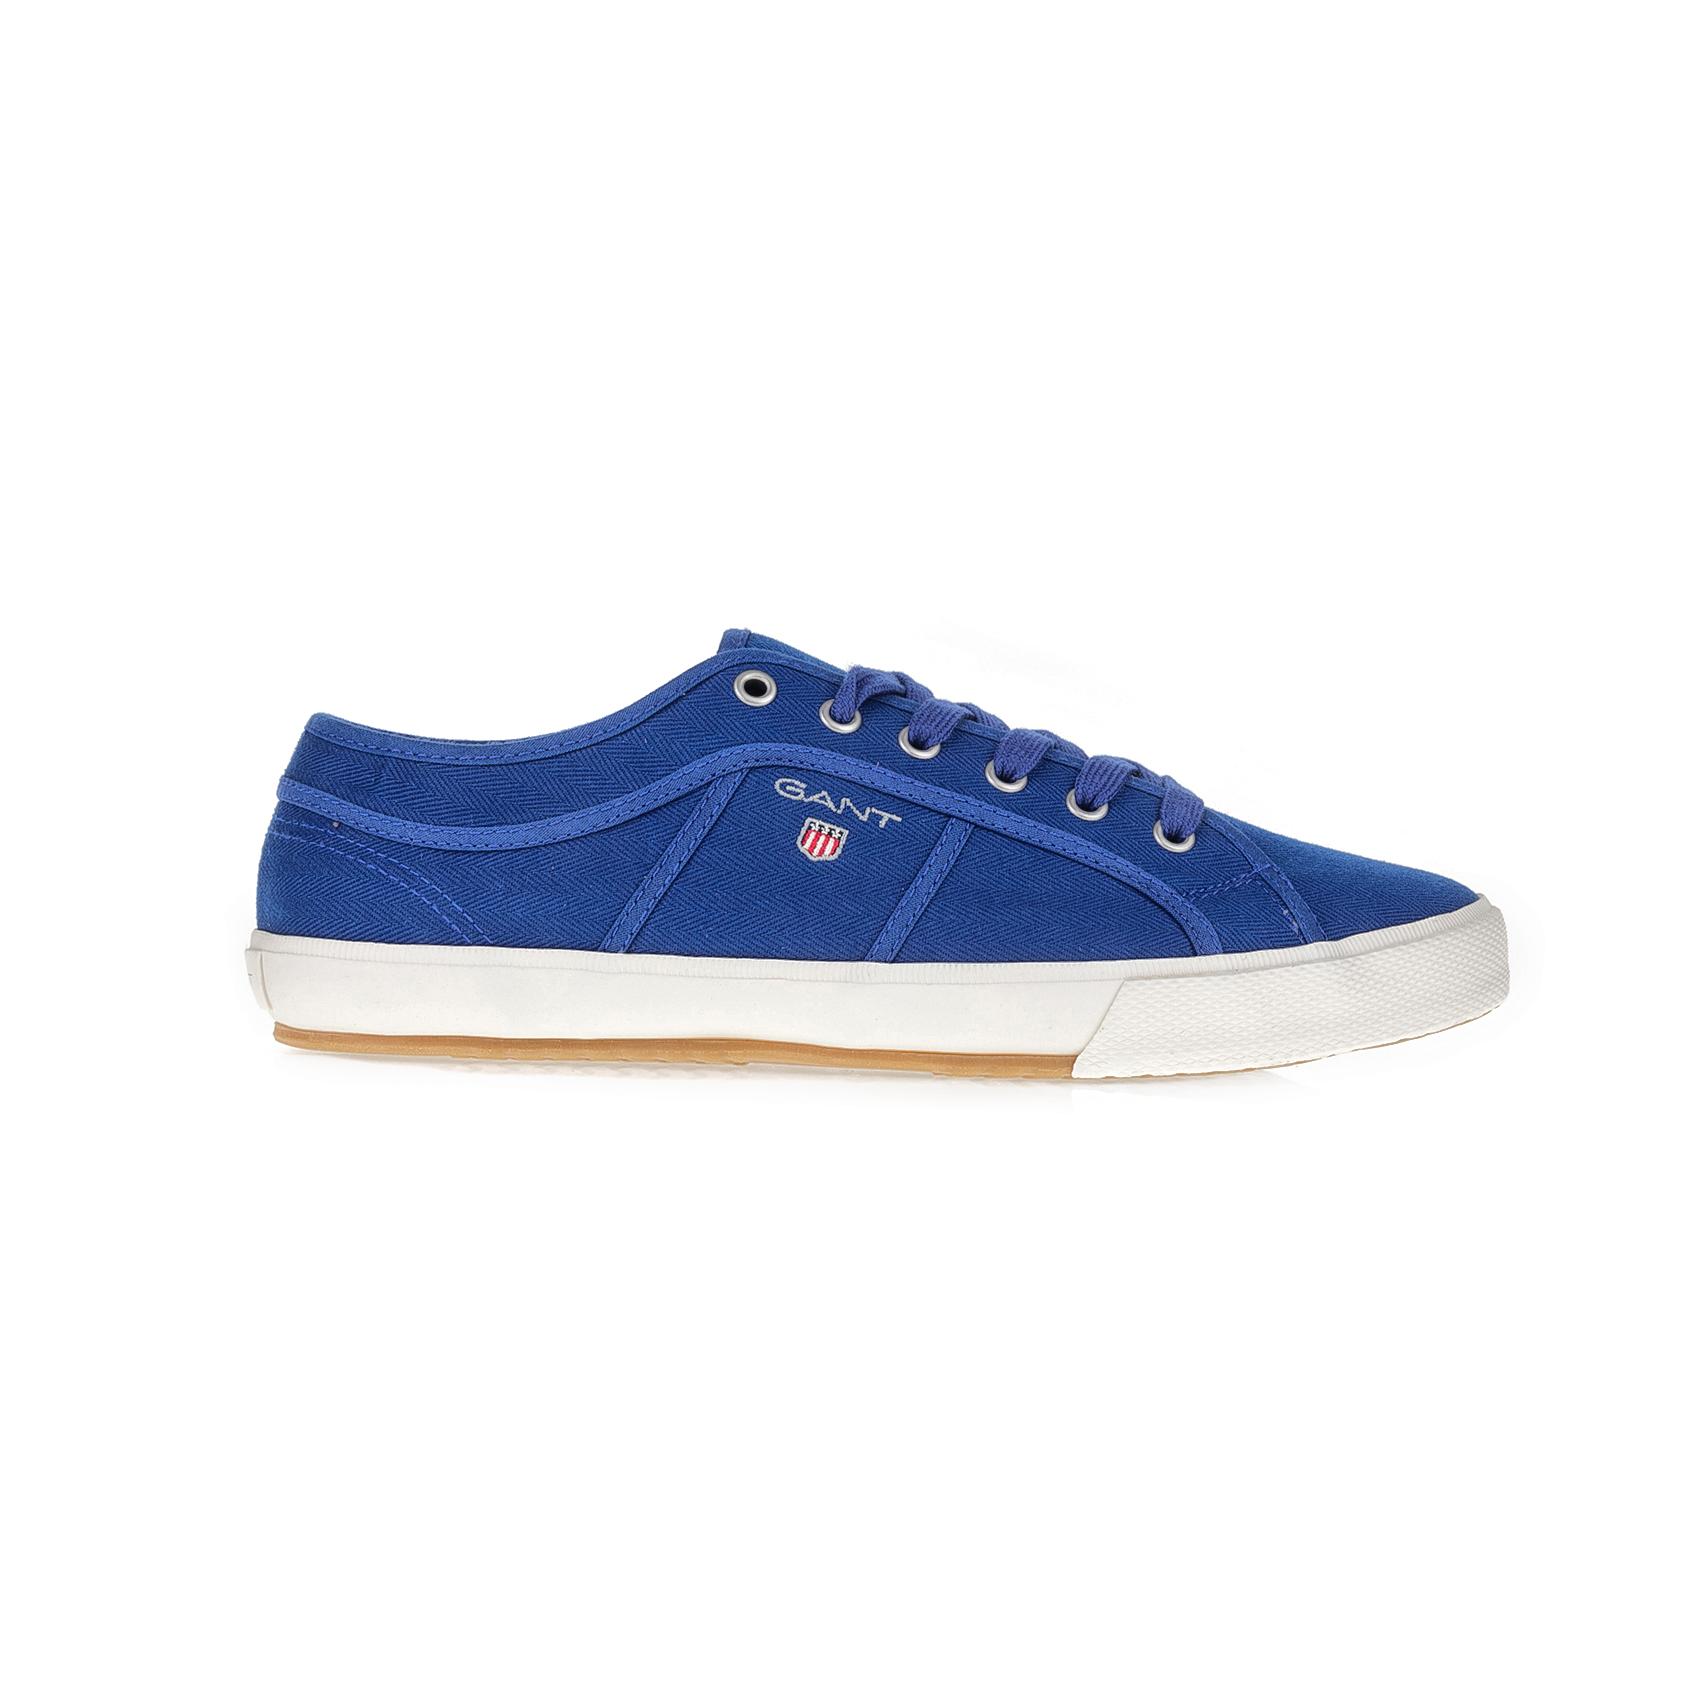 GANT – Ανδρικά sneakers GANT μπλε